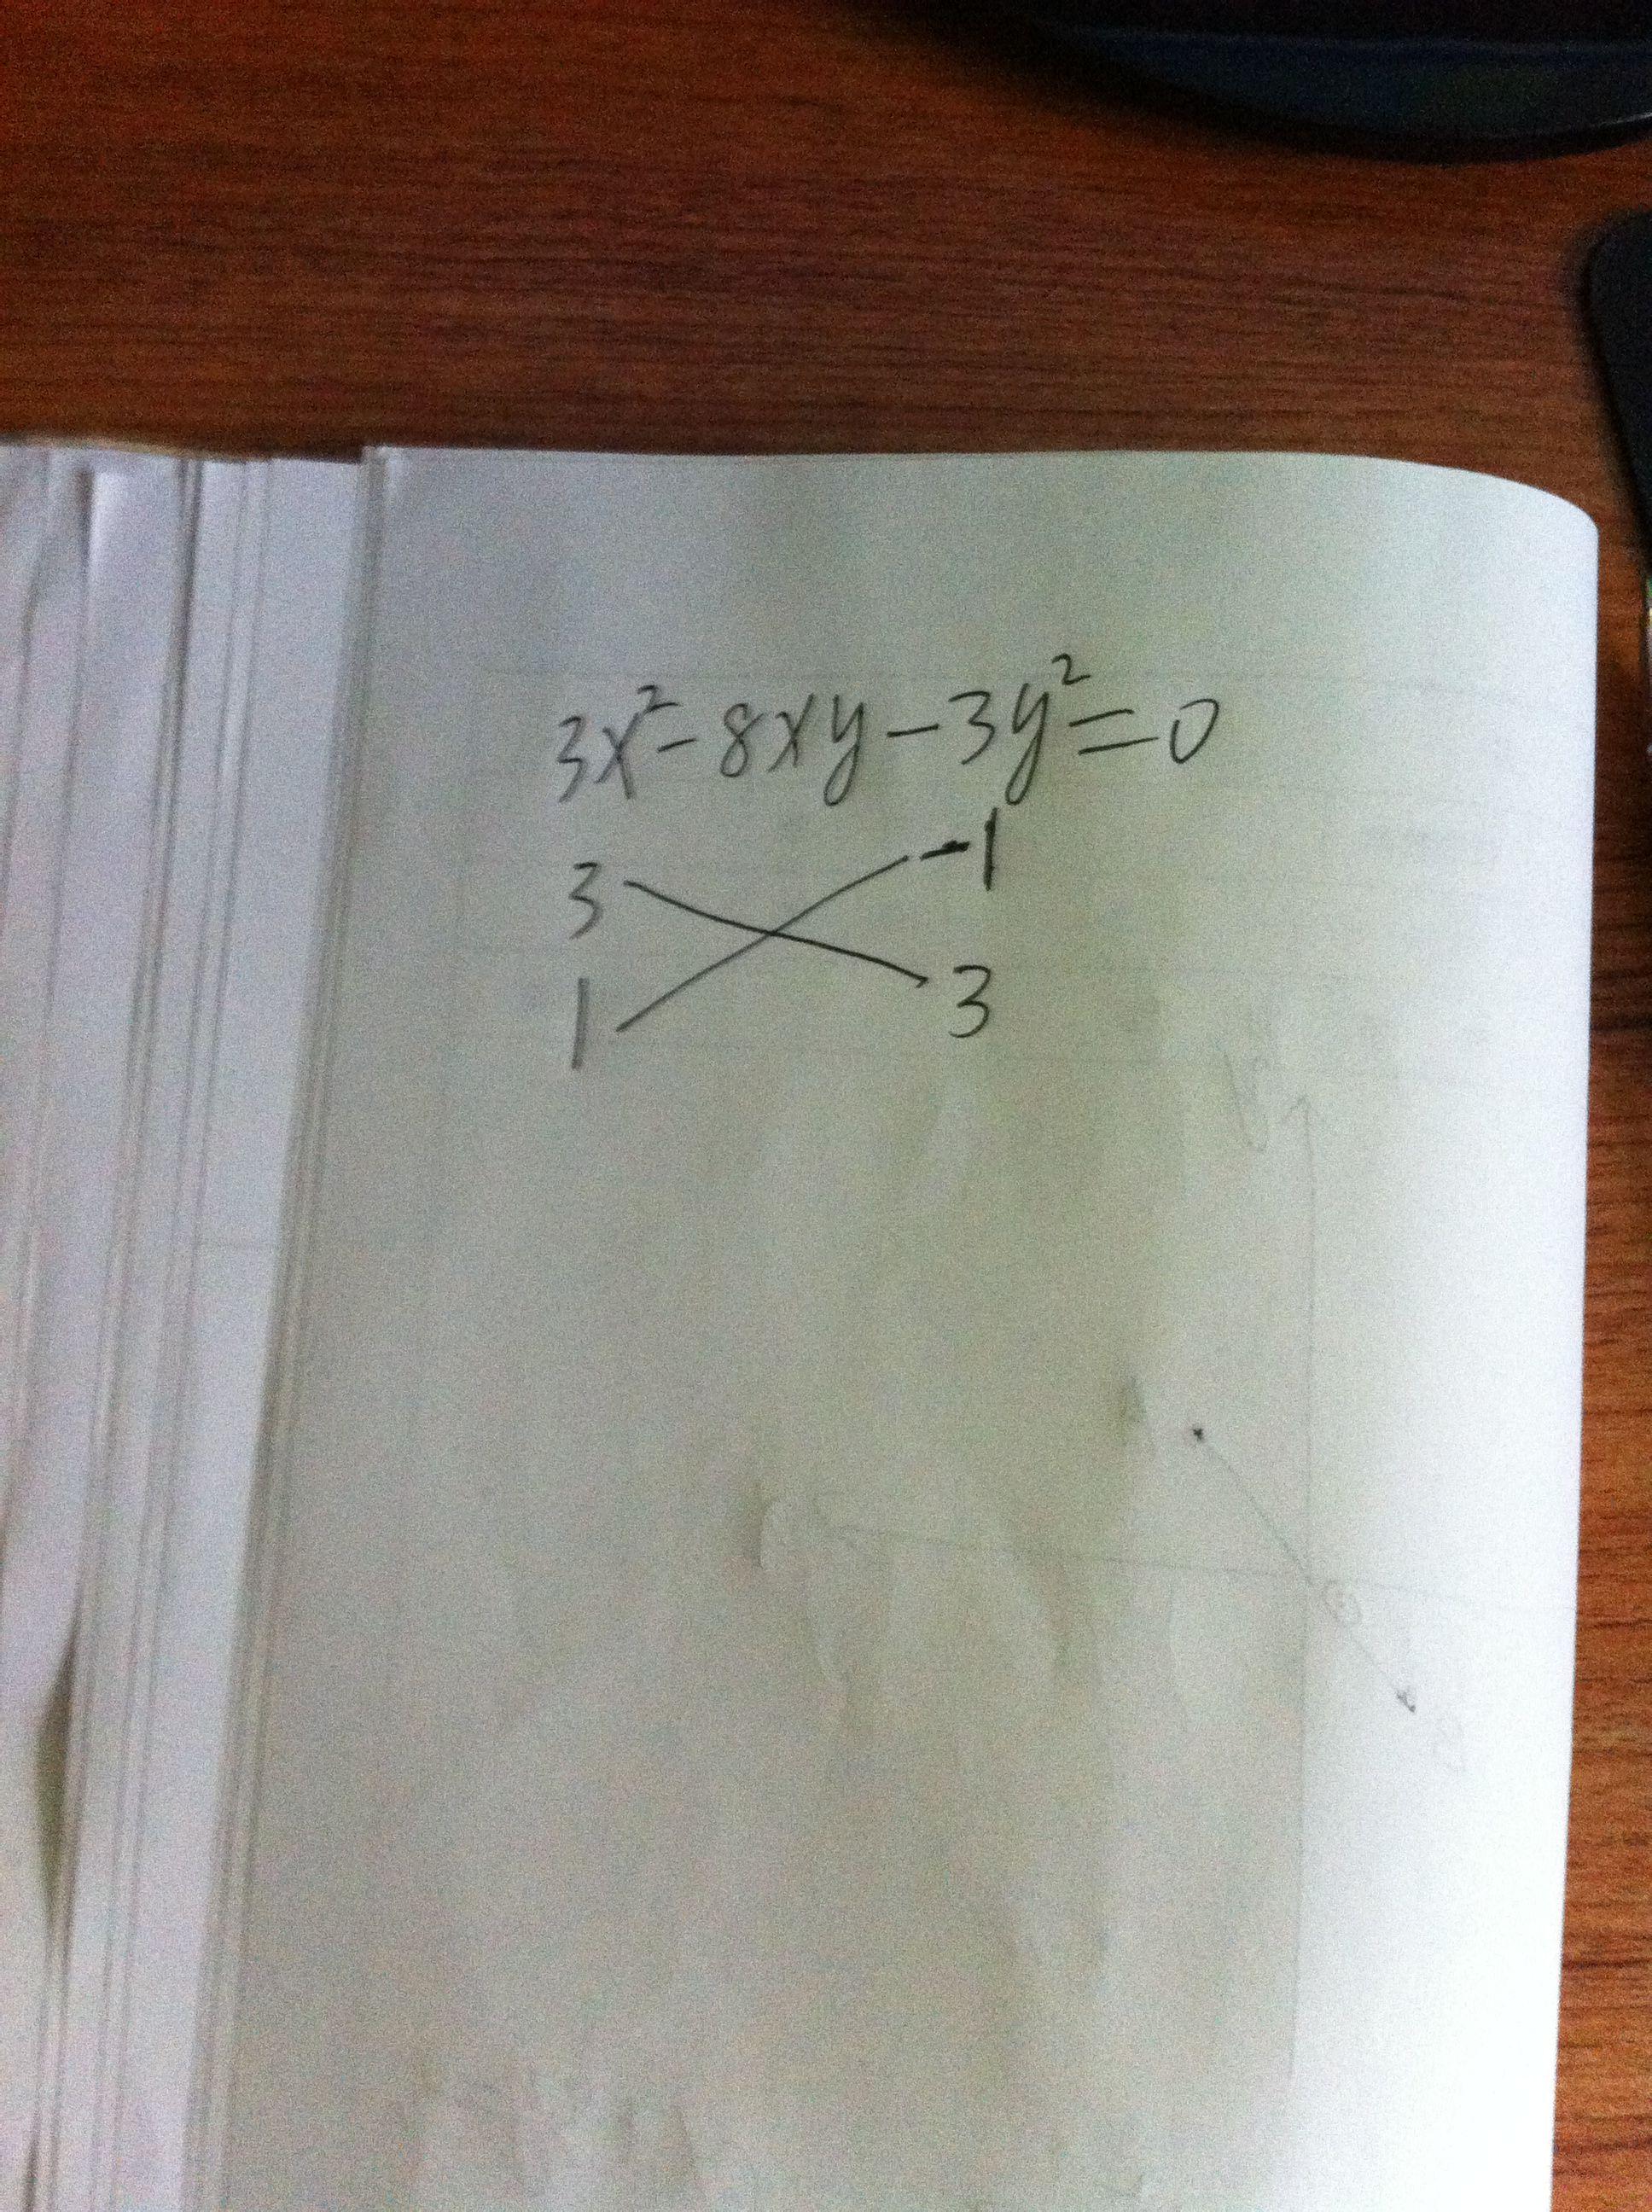 x2-8xy+16y2因式分解